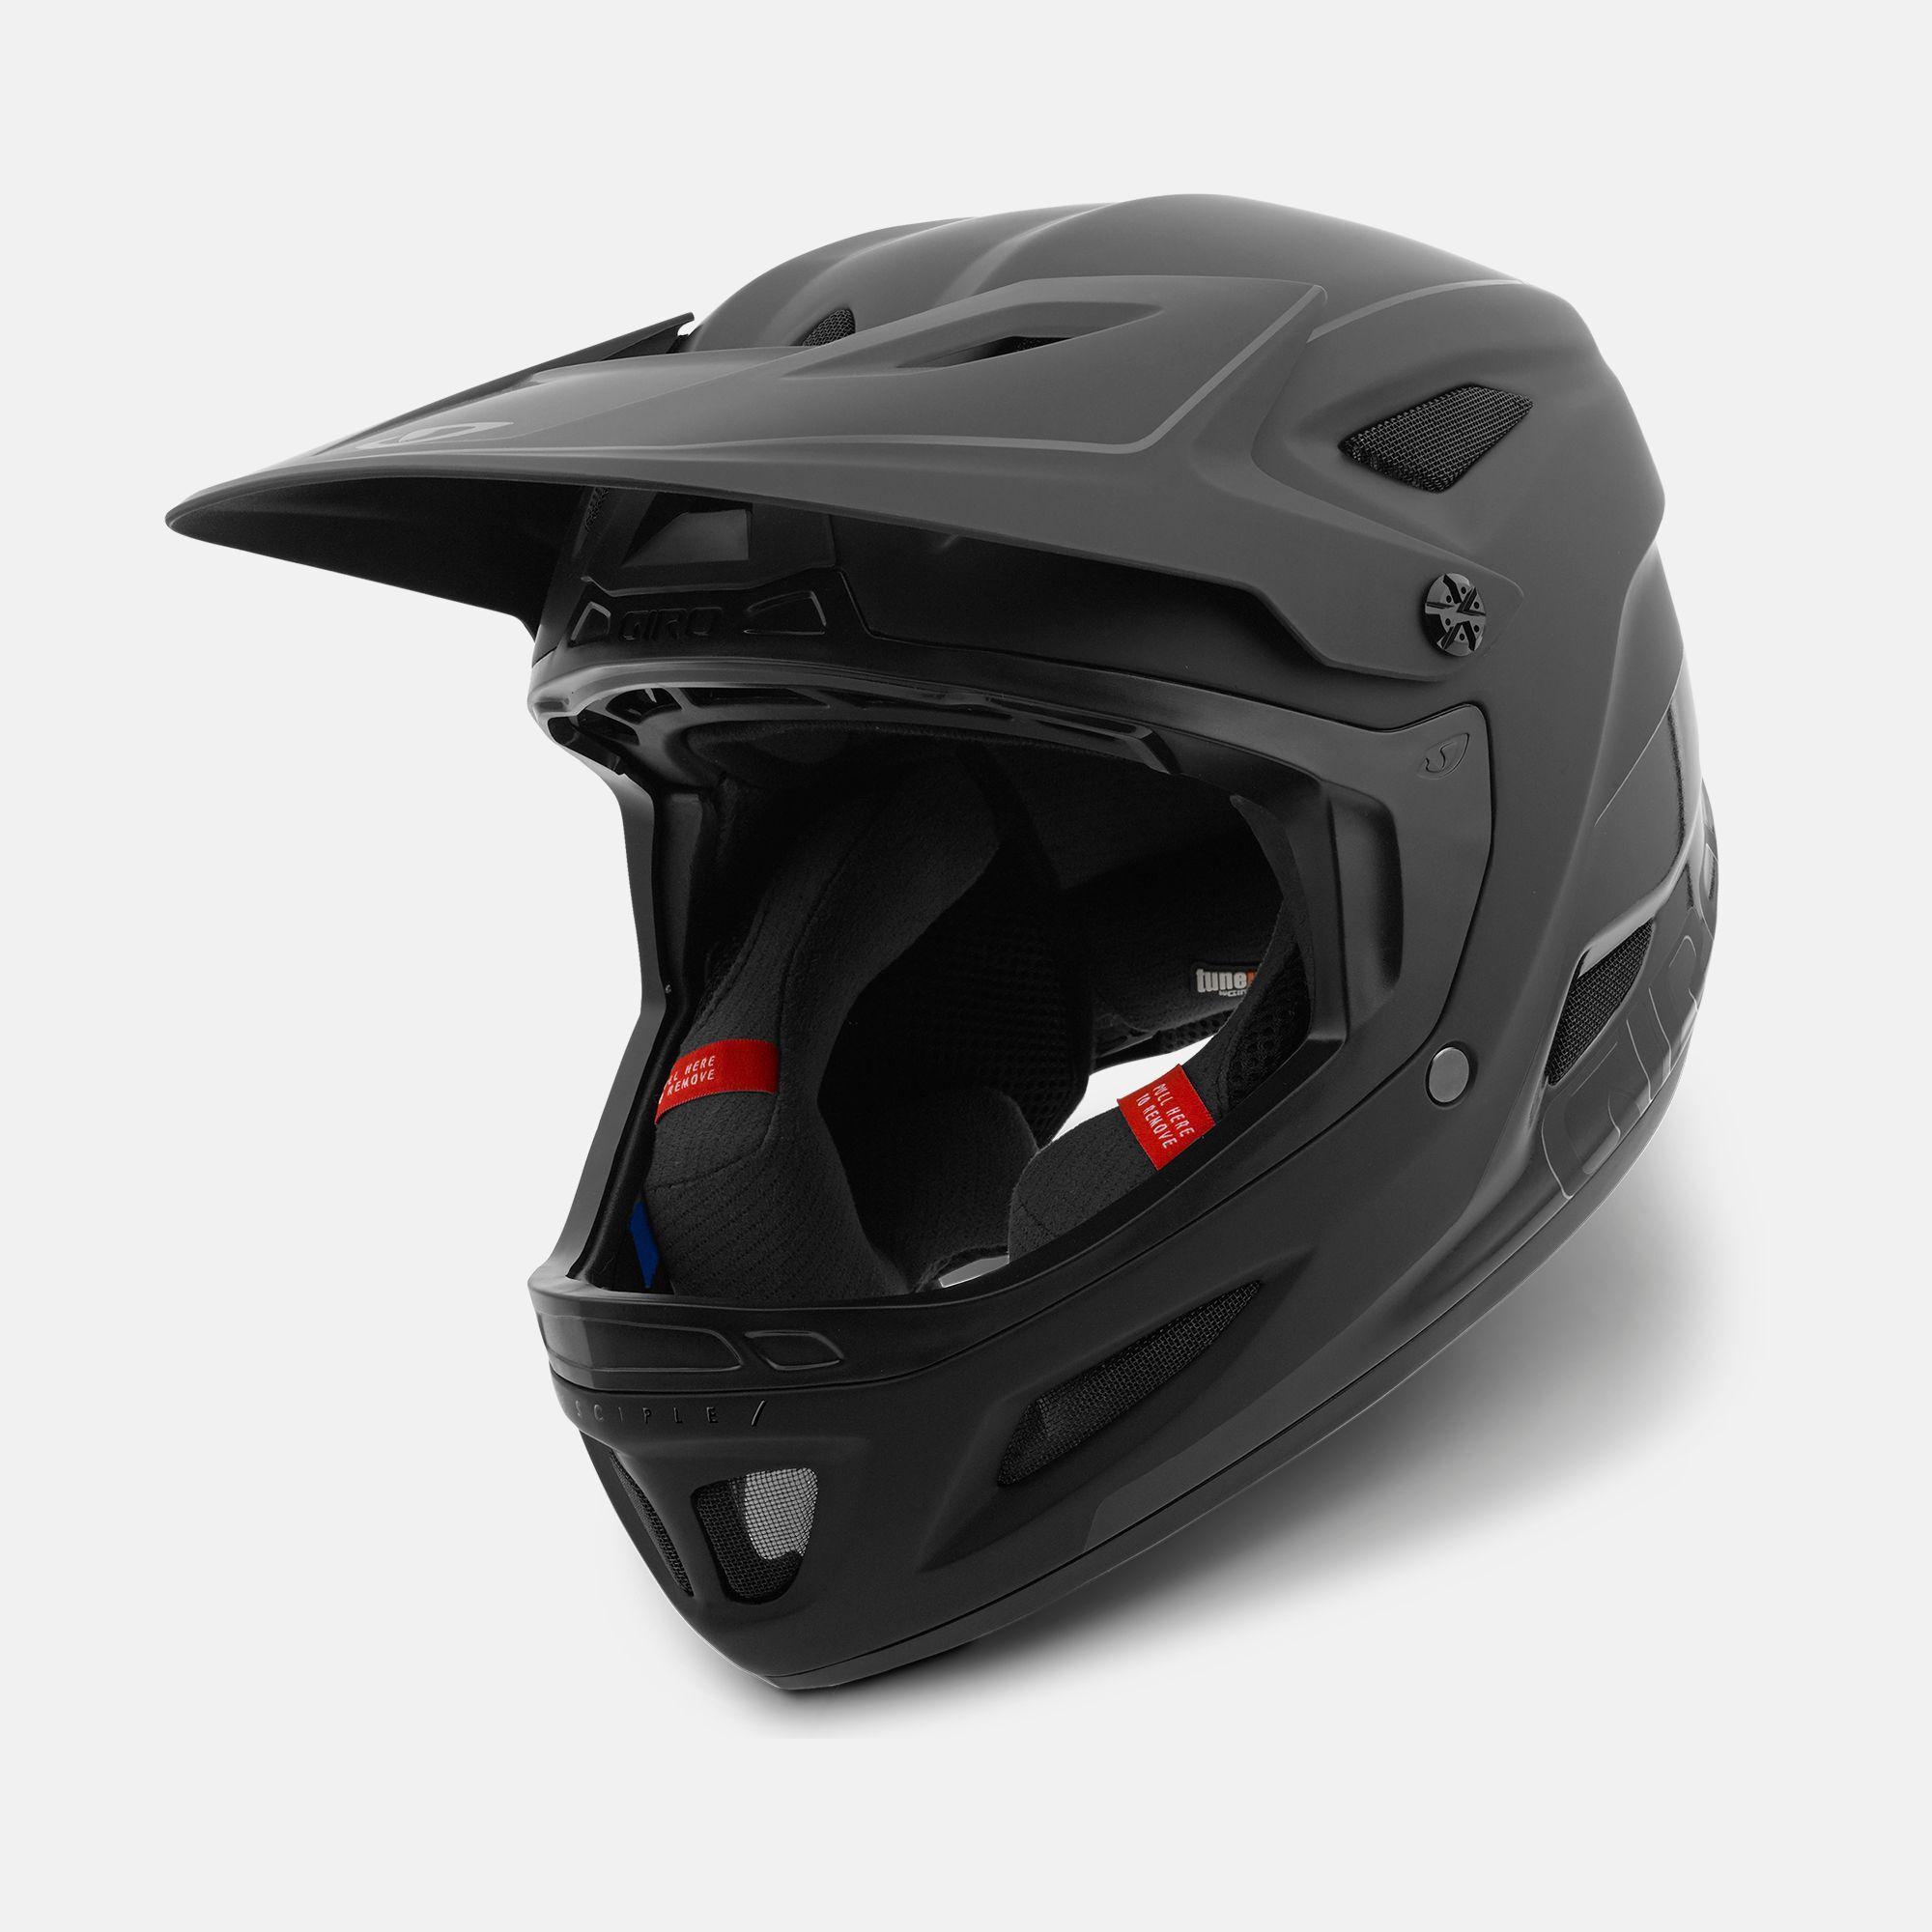 Giro Cinder Disciple MIPS Full Face Bike Helmet 2018 Matt /& Gloss Black 4 Sizes